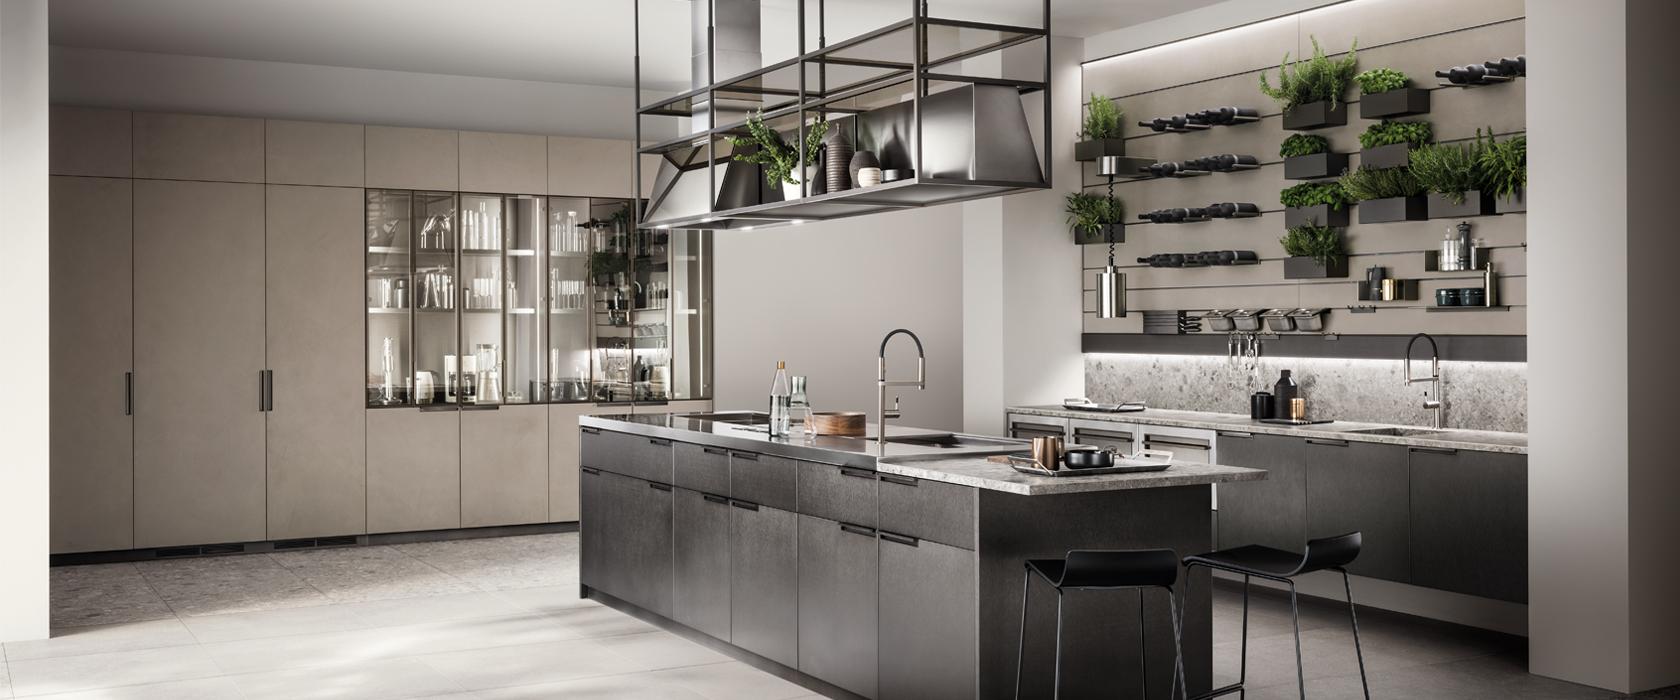 SCAVOLINI: Αυτό είναι το νέο μοντέλο κουζίνας MIA by Carlo Cracco